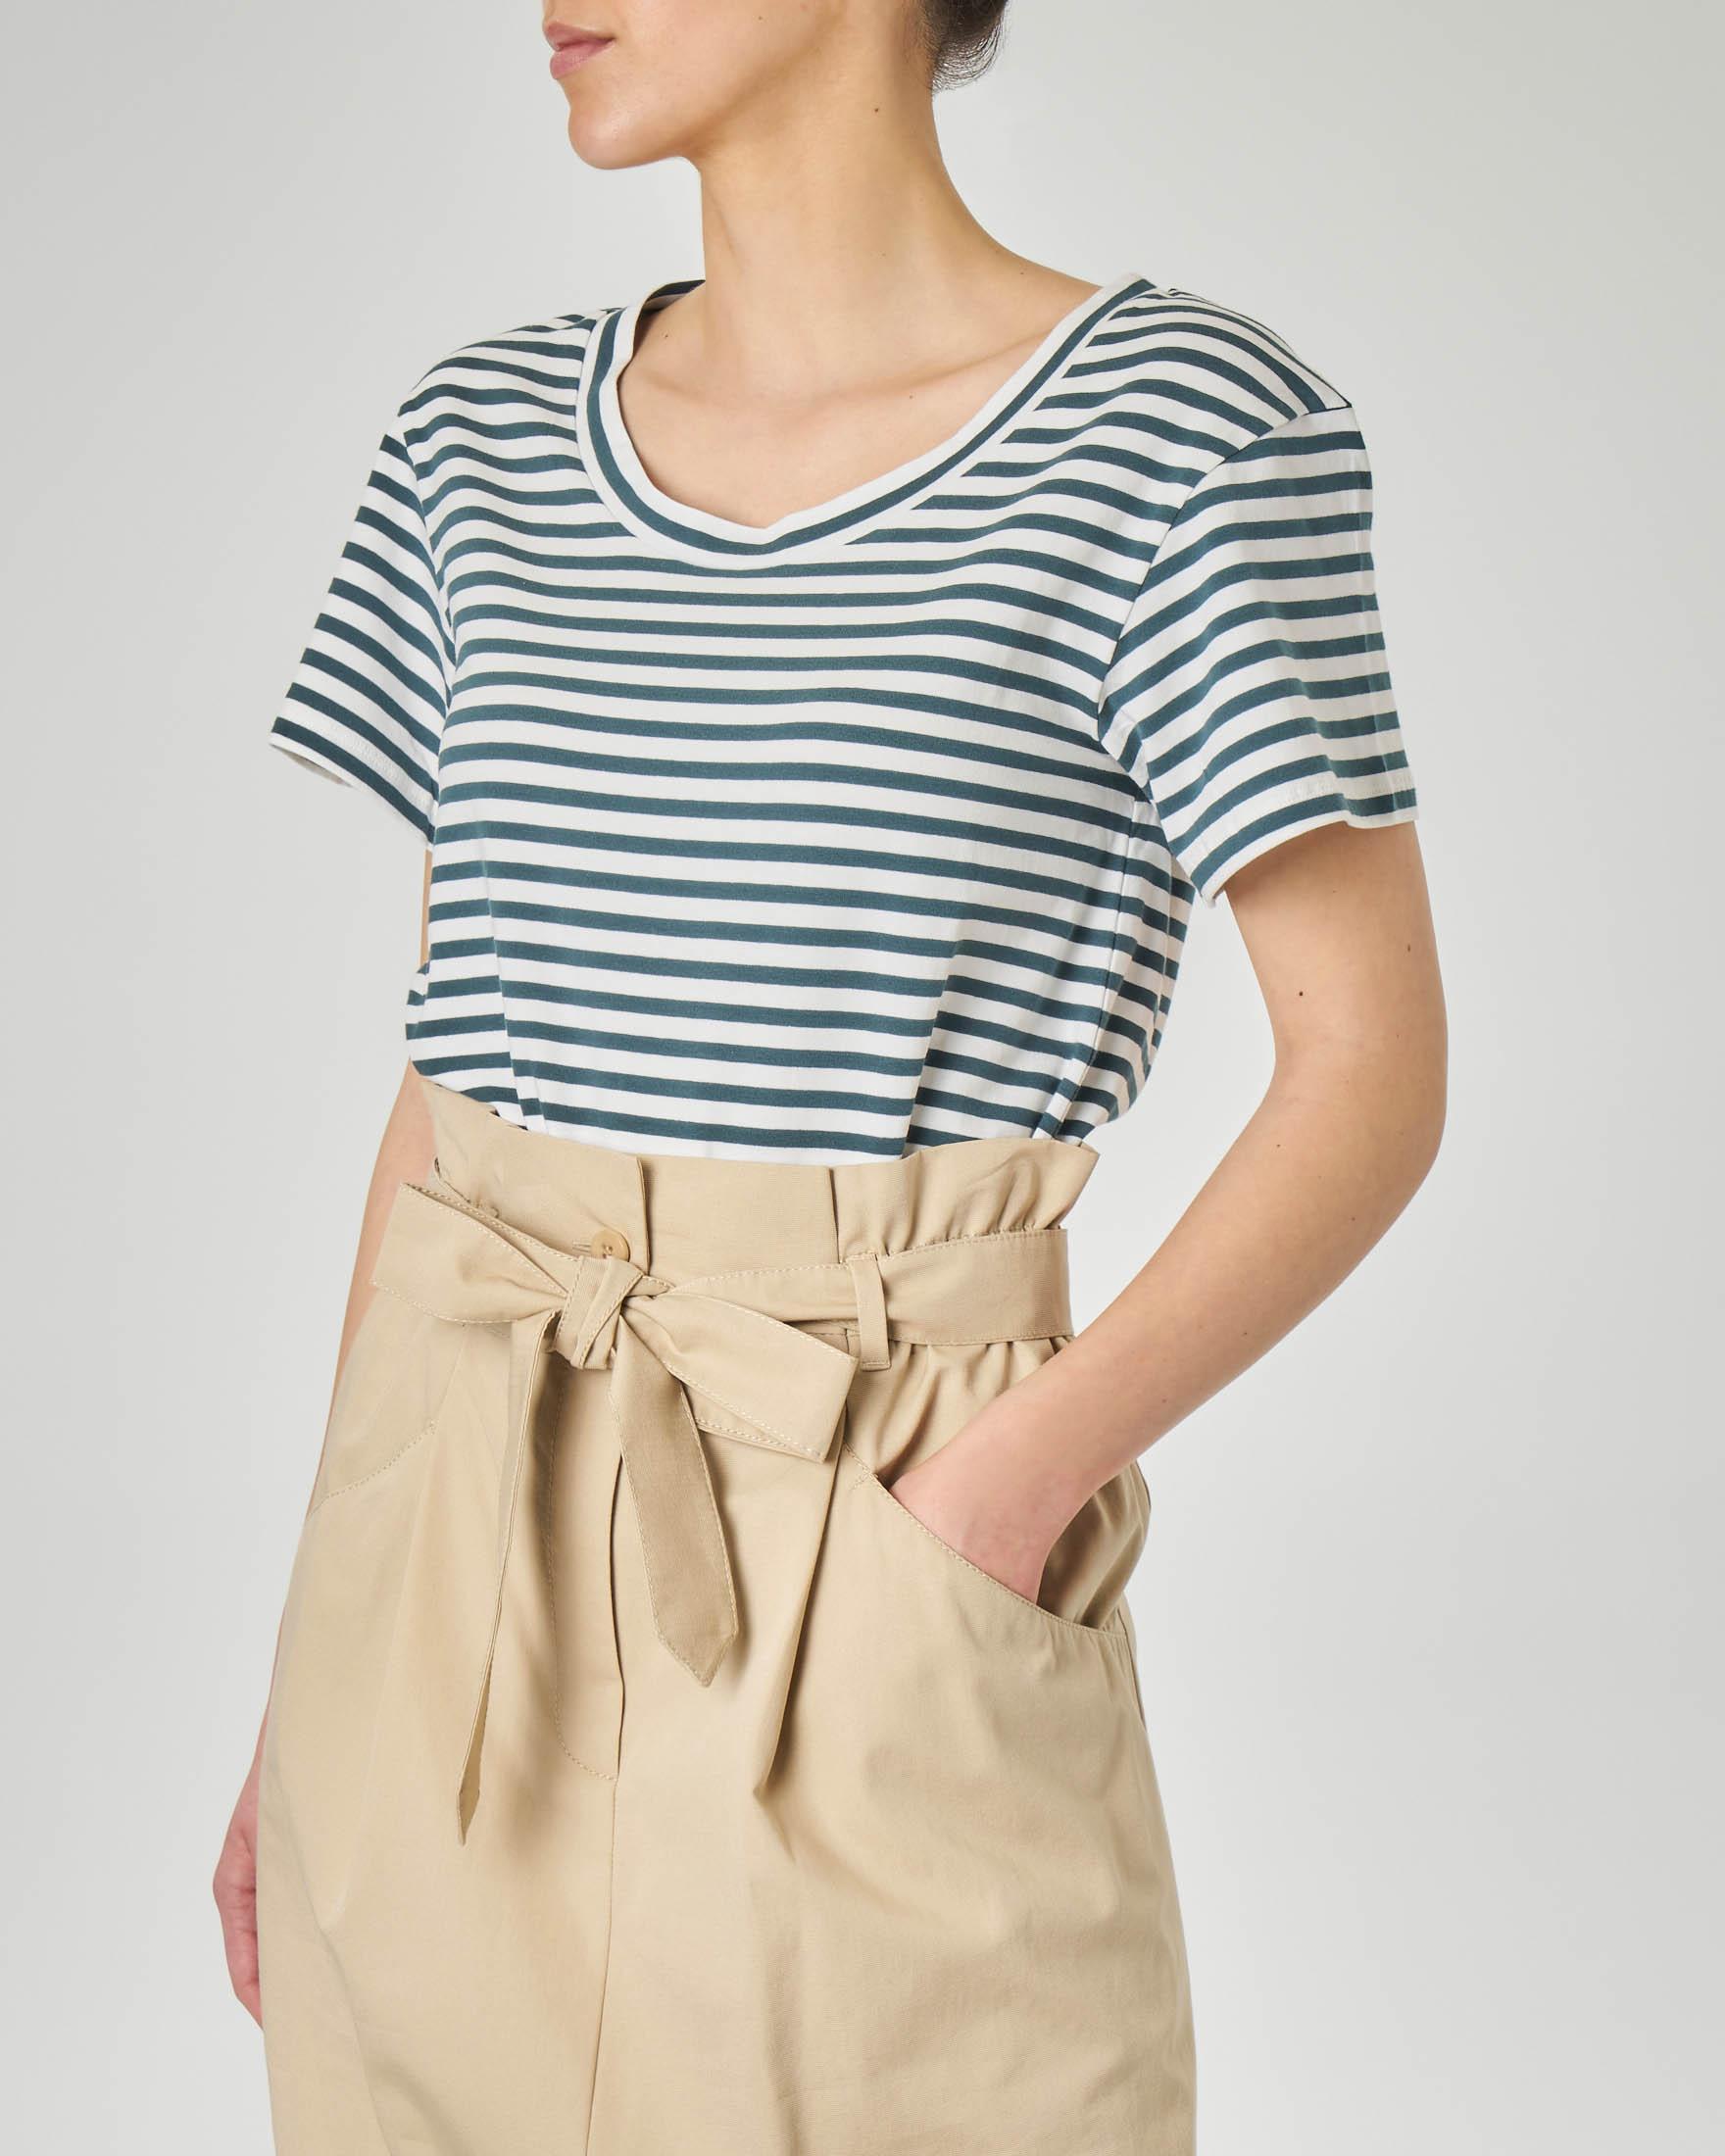 T-shirt girocollo in cotone elasticizzato a righe bianche e ottanio